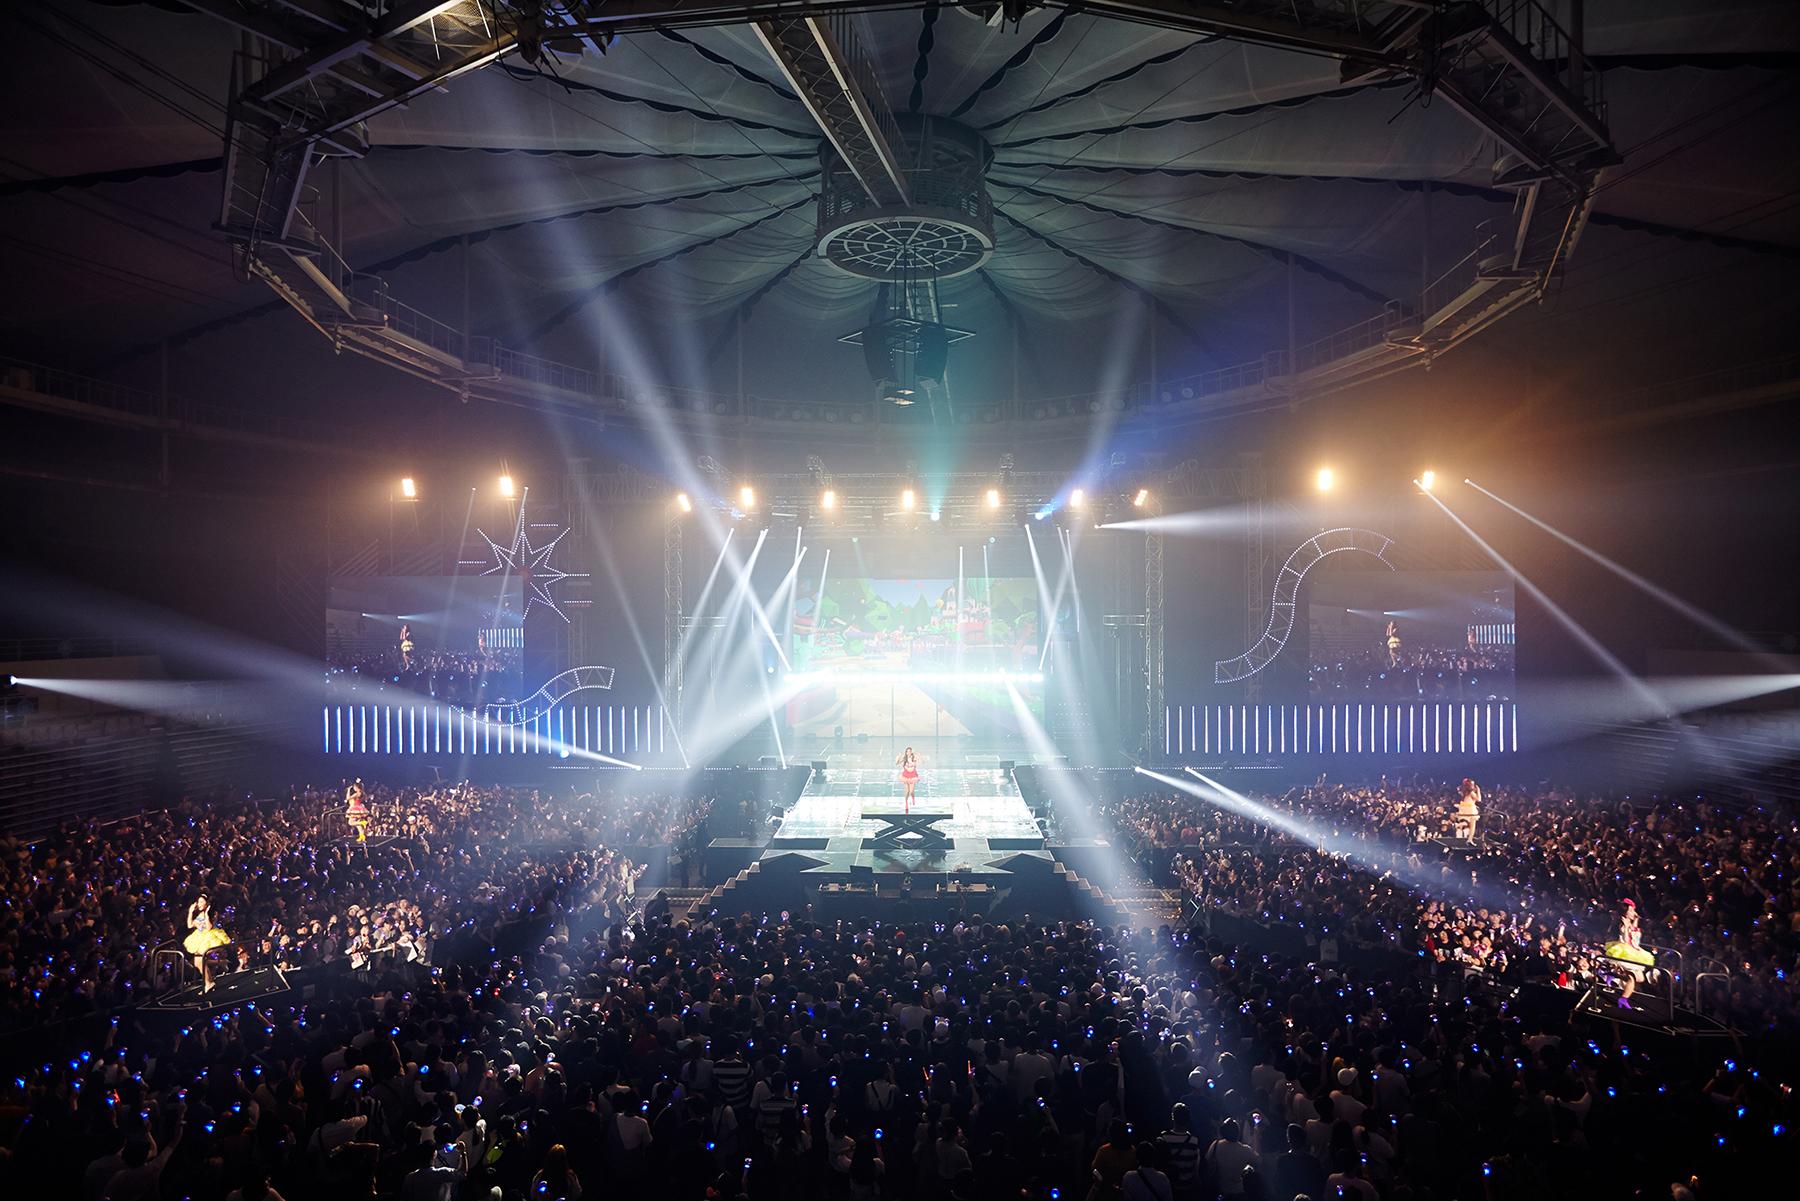 레드벨벳 두 번째 단독 콘서트 이미지 7.jpg